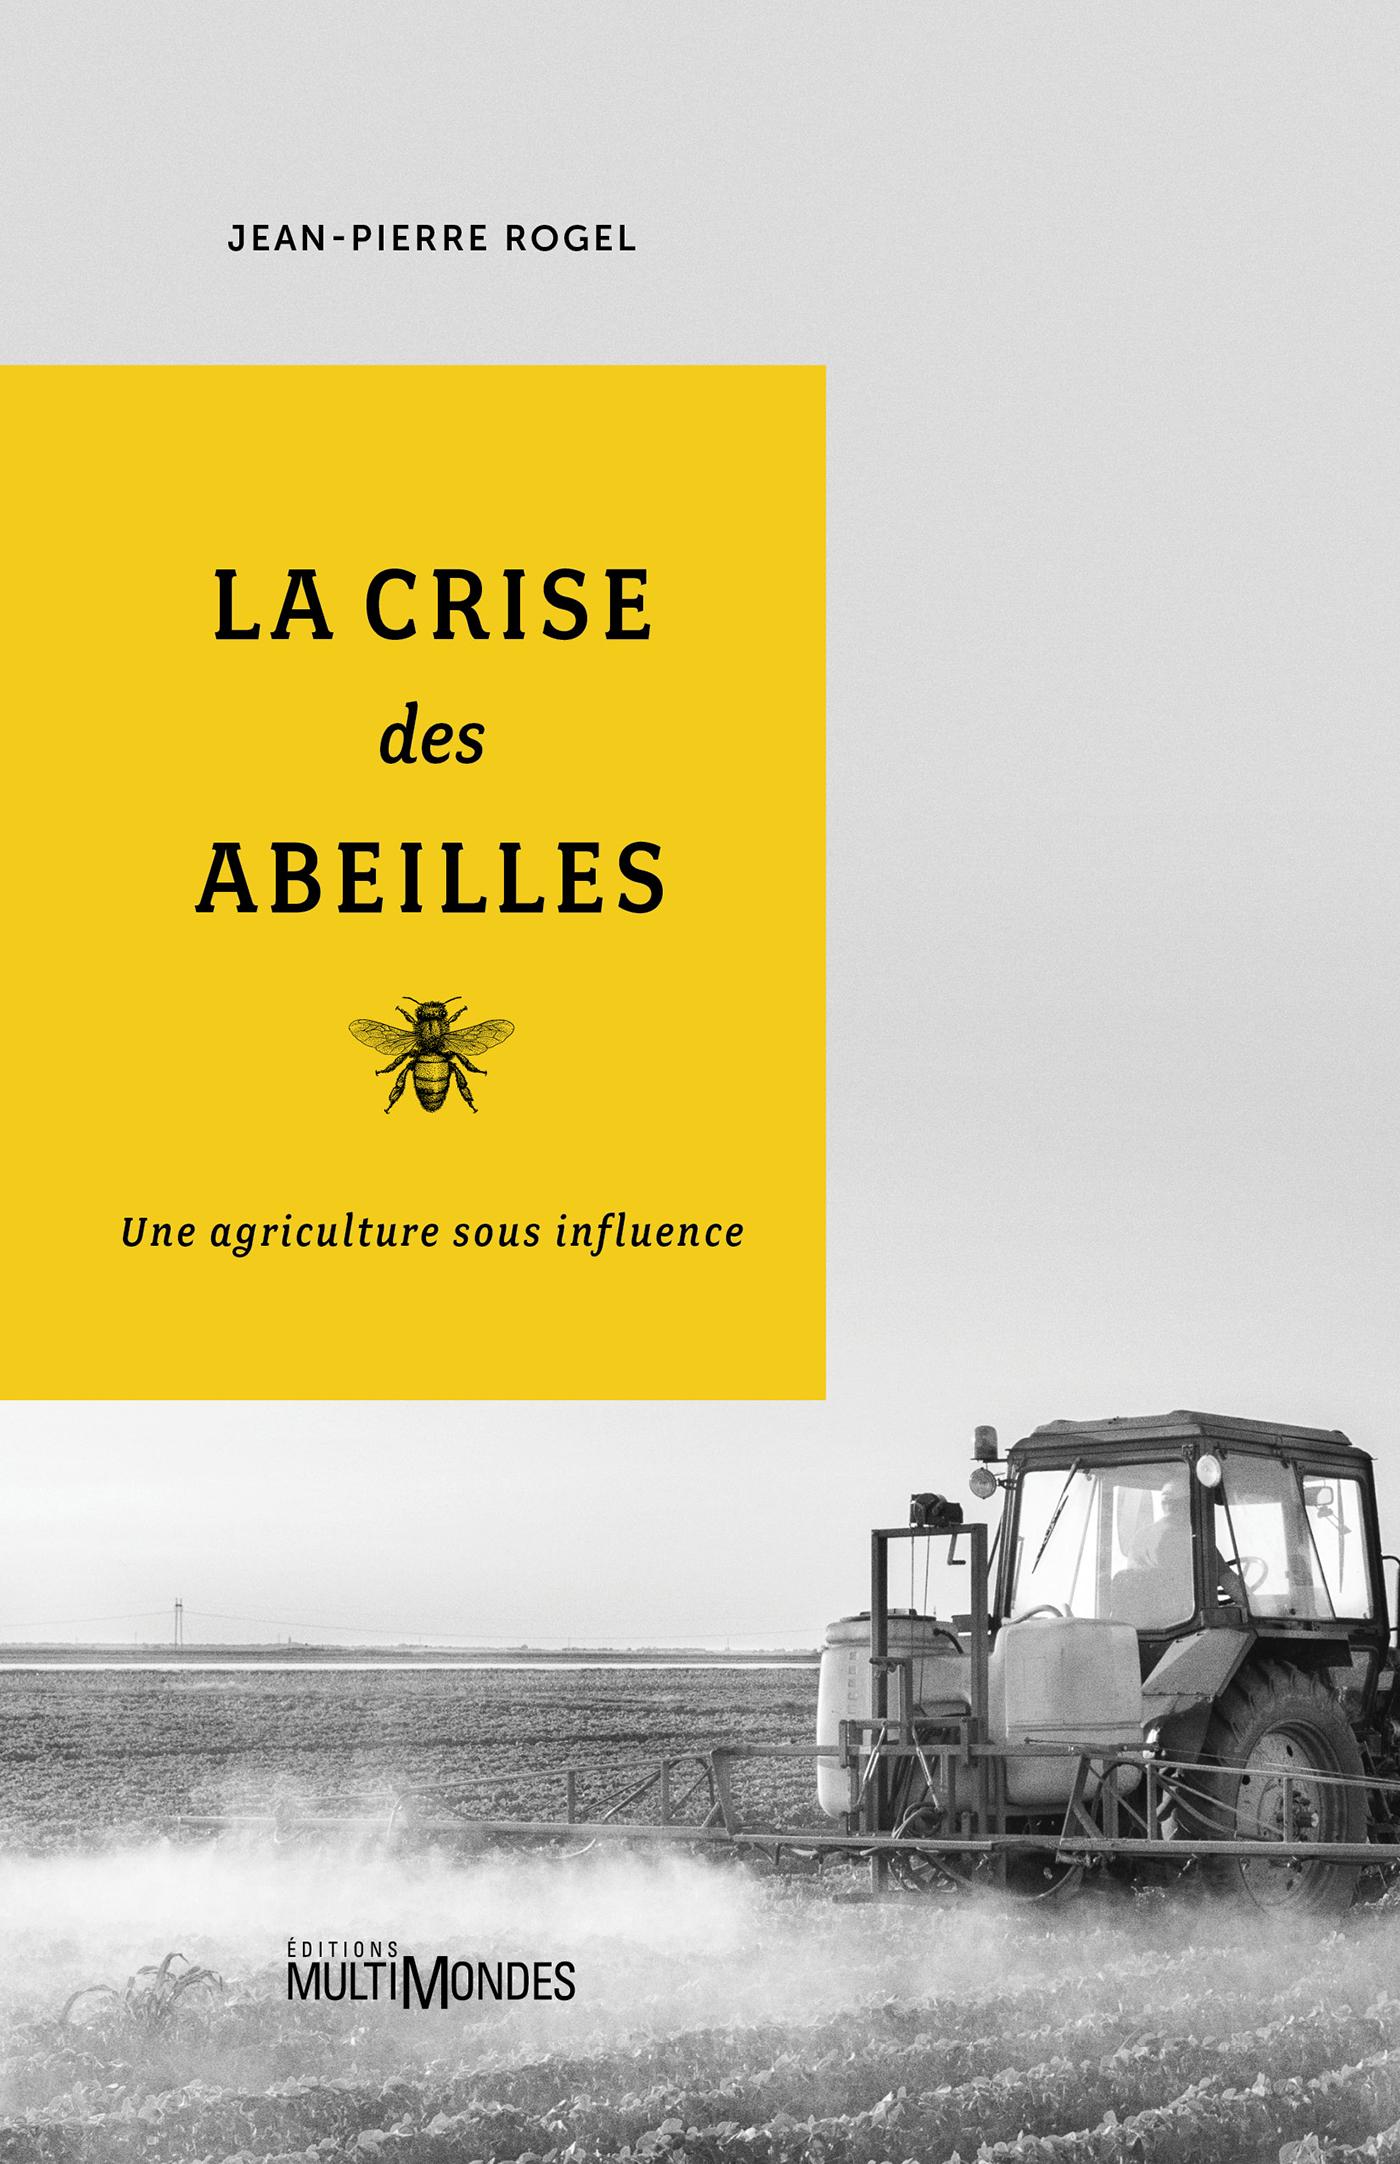 La crise des abeilles, Une agriculture sous influence